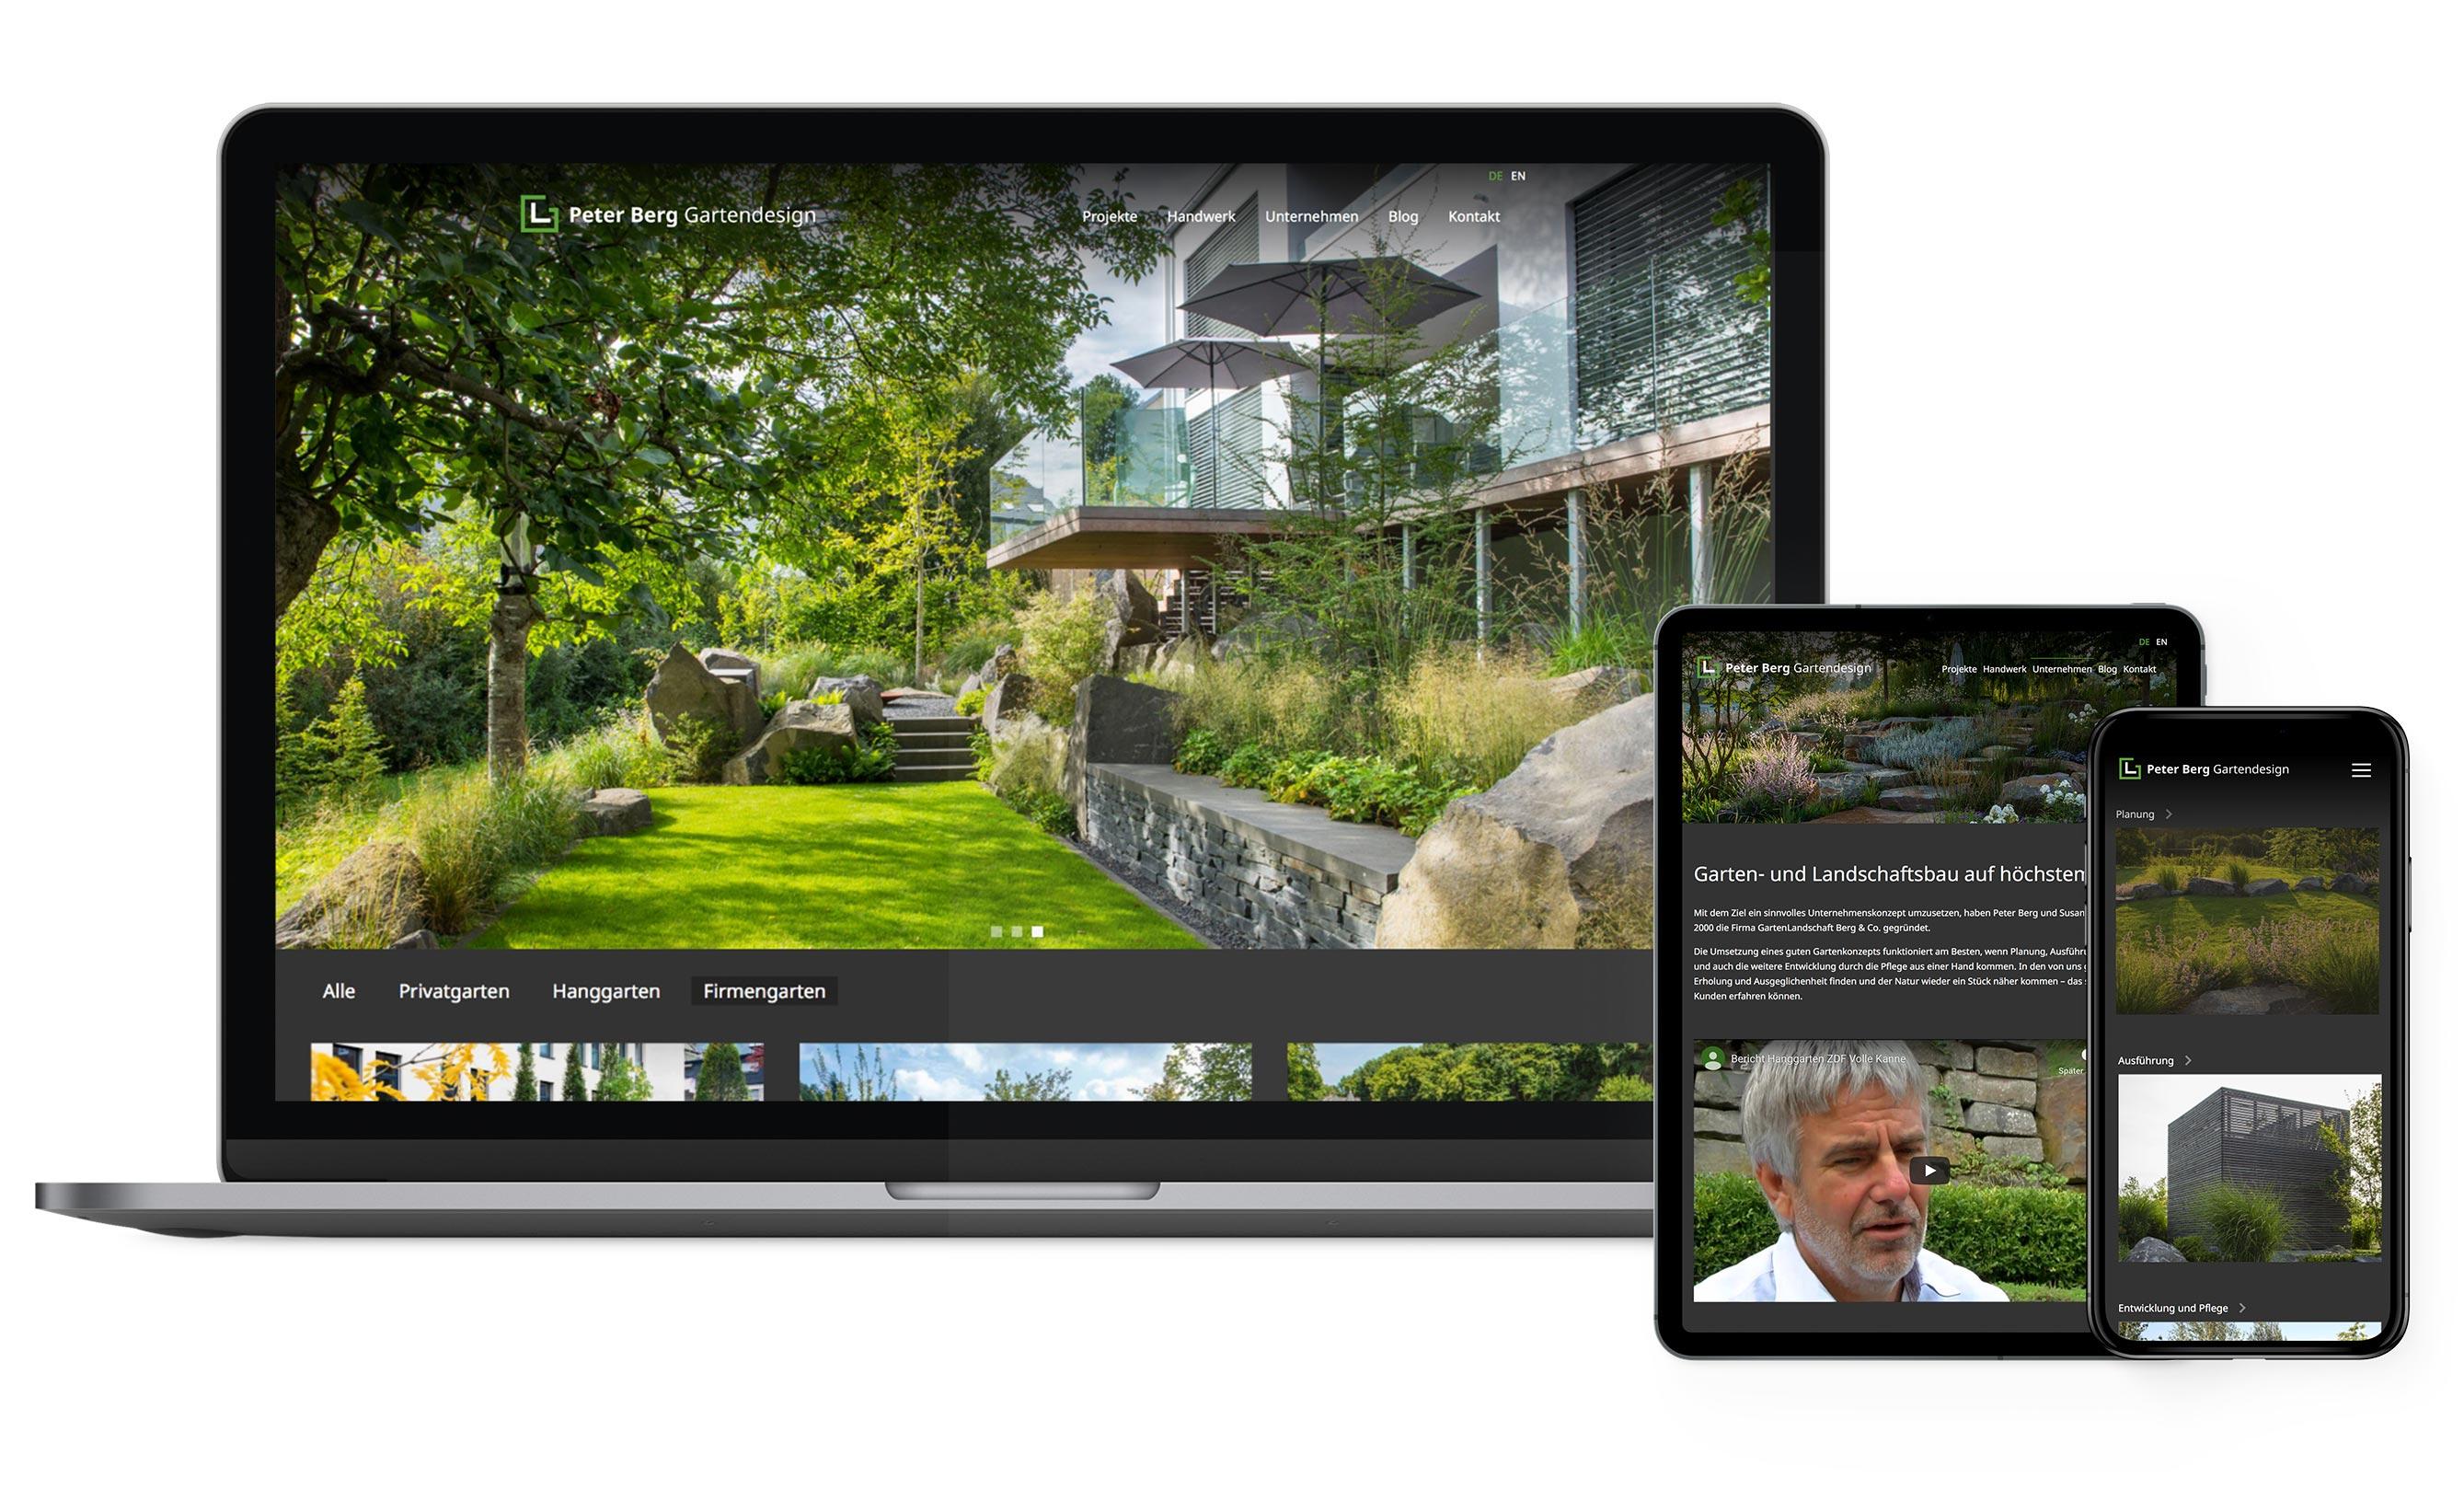 Darstellung des Webdesign für Peter Berg - Blog-Beiträge, Video-Content, News, Komminukationskonzept